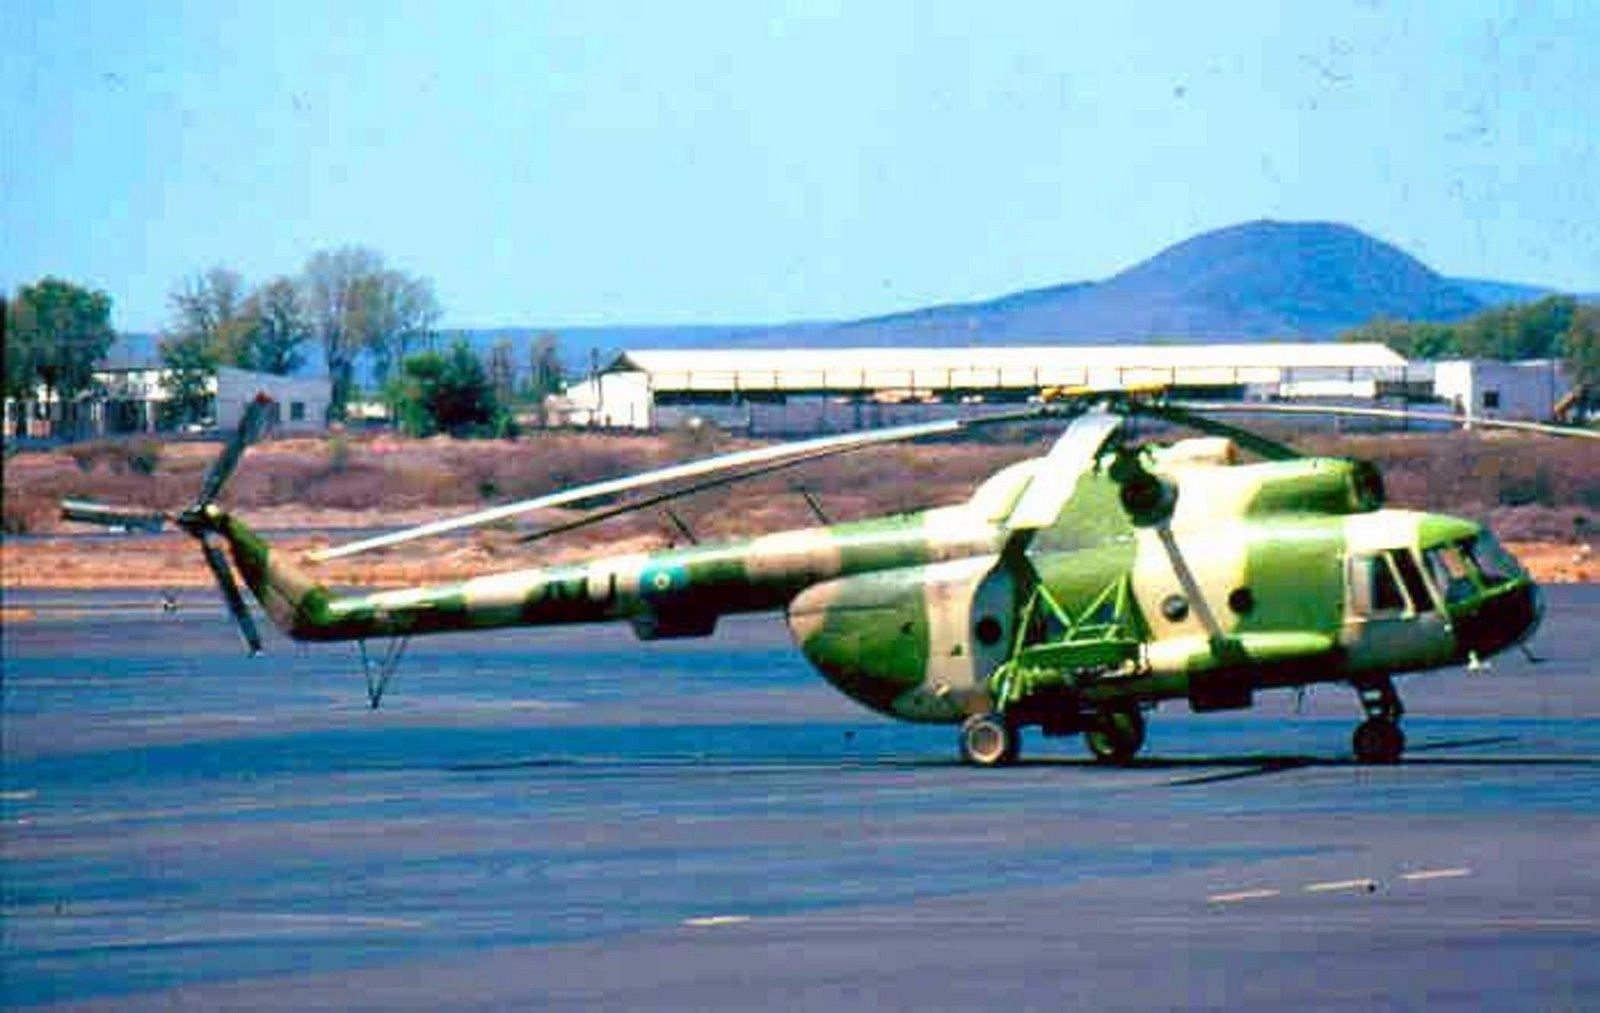 Armée djiboutienne / Djibouti National Army MI-8%2BDJIBOUTI%2BJ2-MAU%2B3